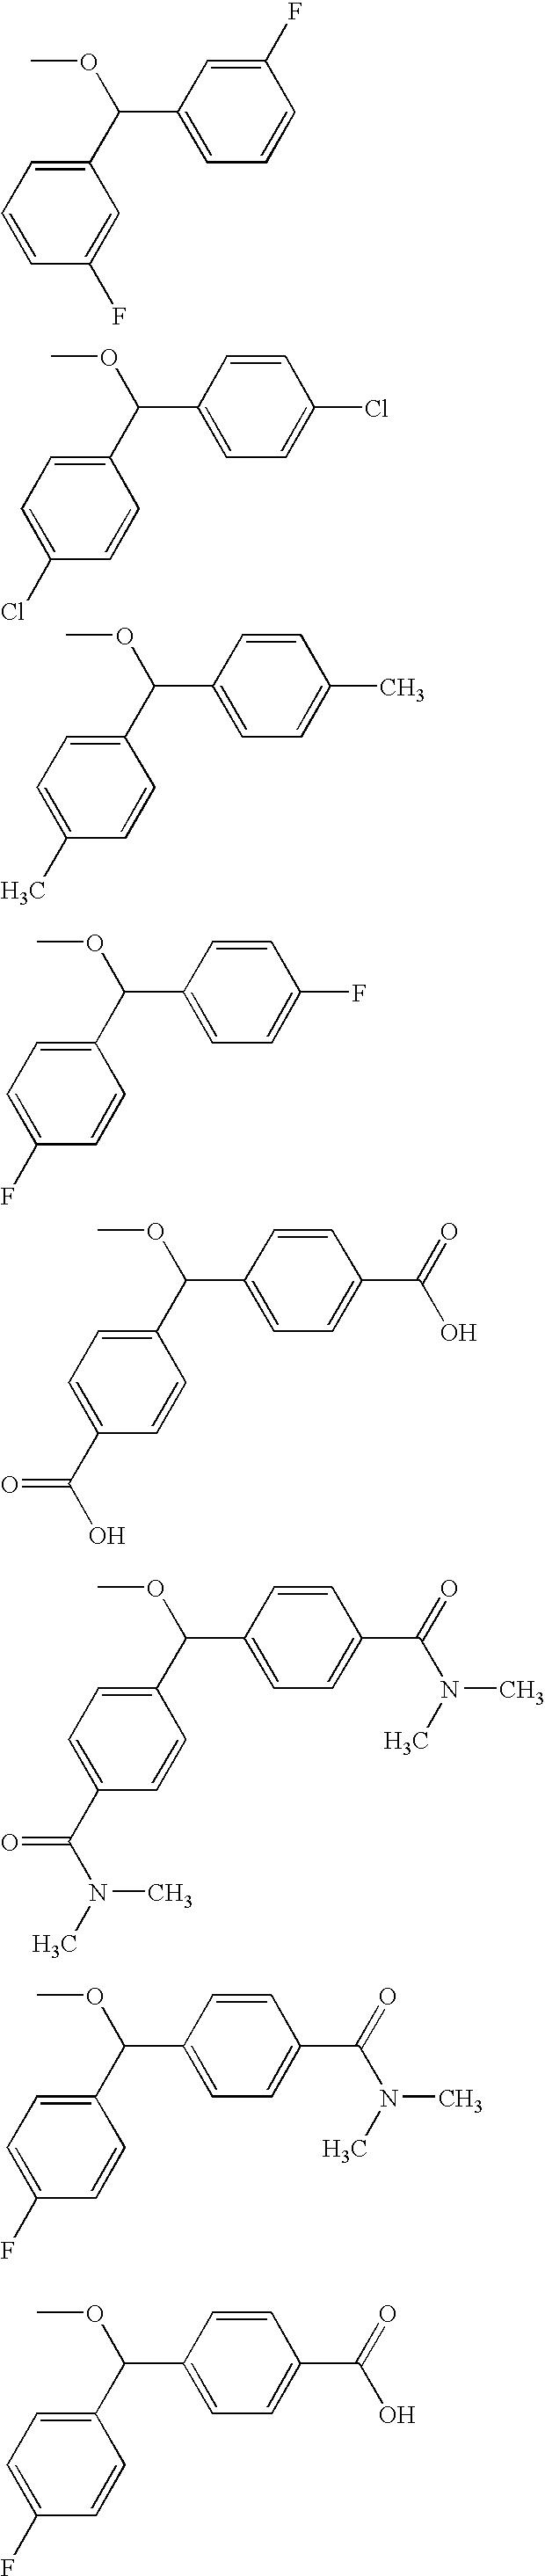 Figure US20070049593A1-20070301-C00239